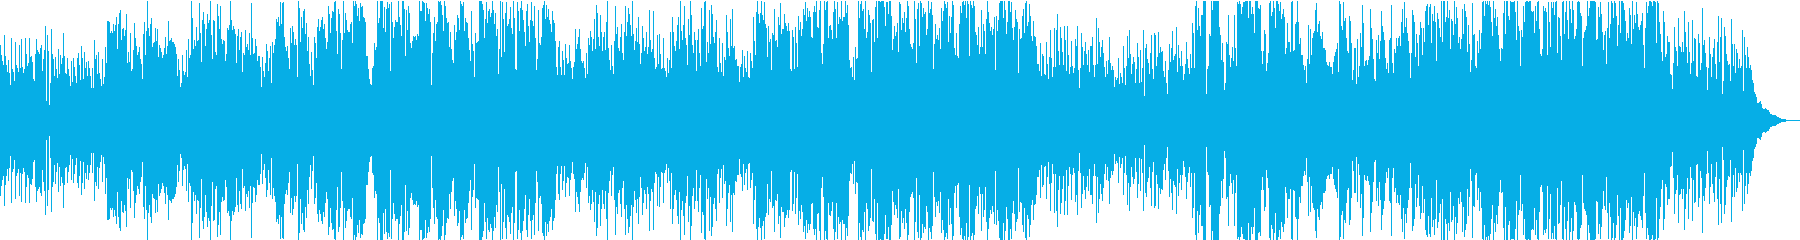 王道J-POPソング風 アコギ弾き語りの再生済みの波形